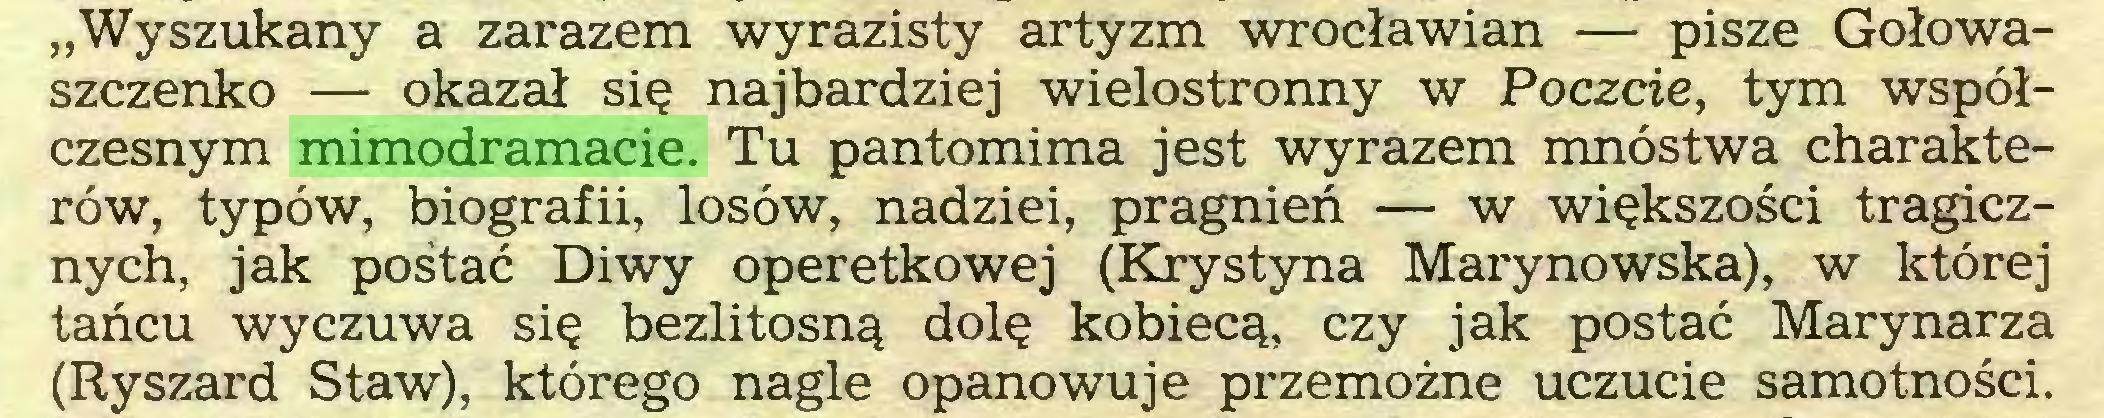 """(...) """"Wyszukany a zarazem wyrazisty artyzm wrocławian — pisze Gołowaszczenko — okazał się najbardziej wielostronny w Poczcie, tym współczesnym mimodramacie. Tu pantomima jest wyrazem mnóstwa charakterów, typów, biografii, losów, nadziei, pragnień — w większości tragicznych, jak postać Diwy operetkowej (Krystyna Marynowska), w której tańcu wyczuwa się bezlitosną dolę kobiecą, czy jak postać Marynarza (Ryszard Staw), którego nagle opanowuje przemożne uczucie samotności..."""